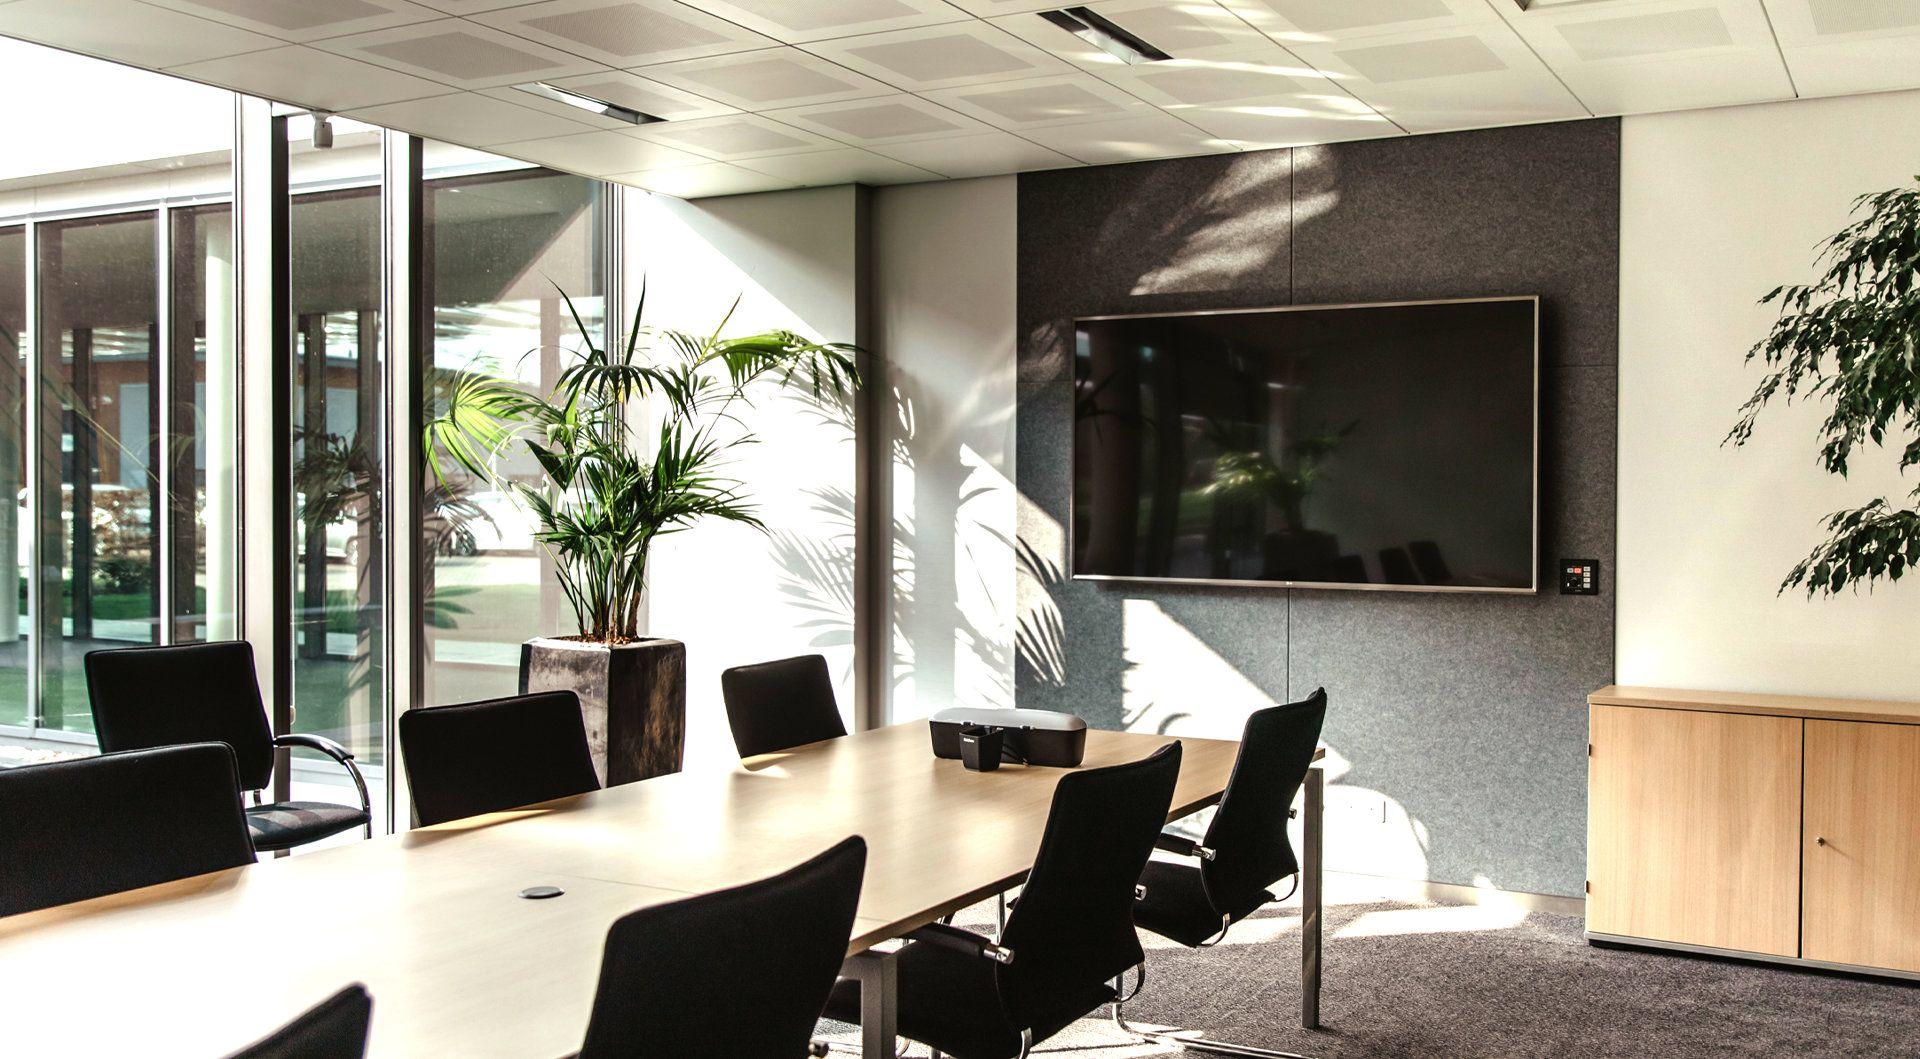 Benq PU9220 beamer/projector Desktopprojector 5000 ANSI lumens DLP WUXGA (1920x1200) Zwart - Case studie de vries